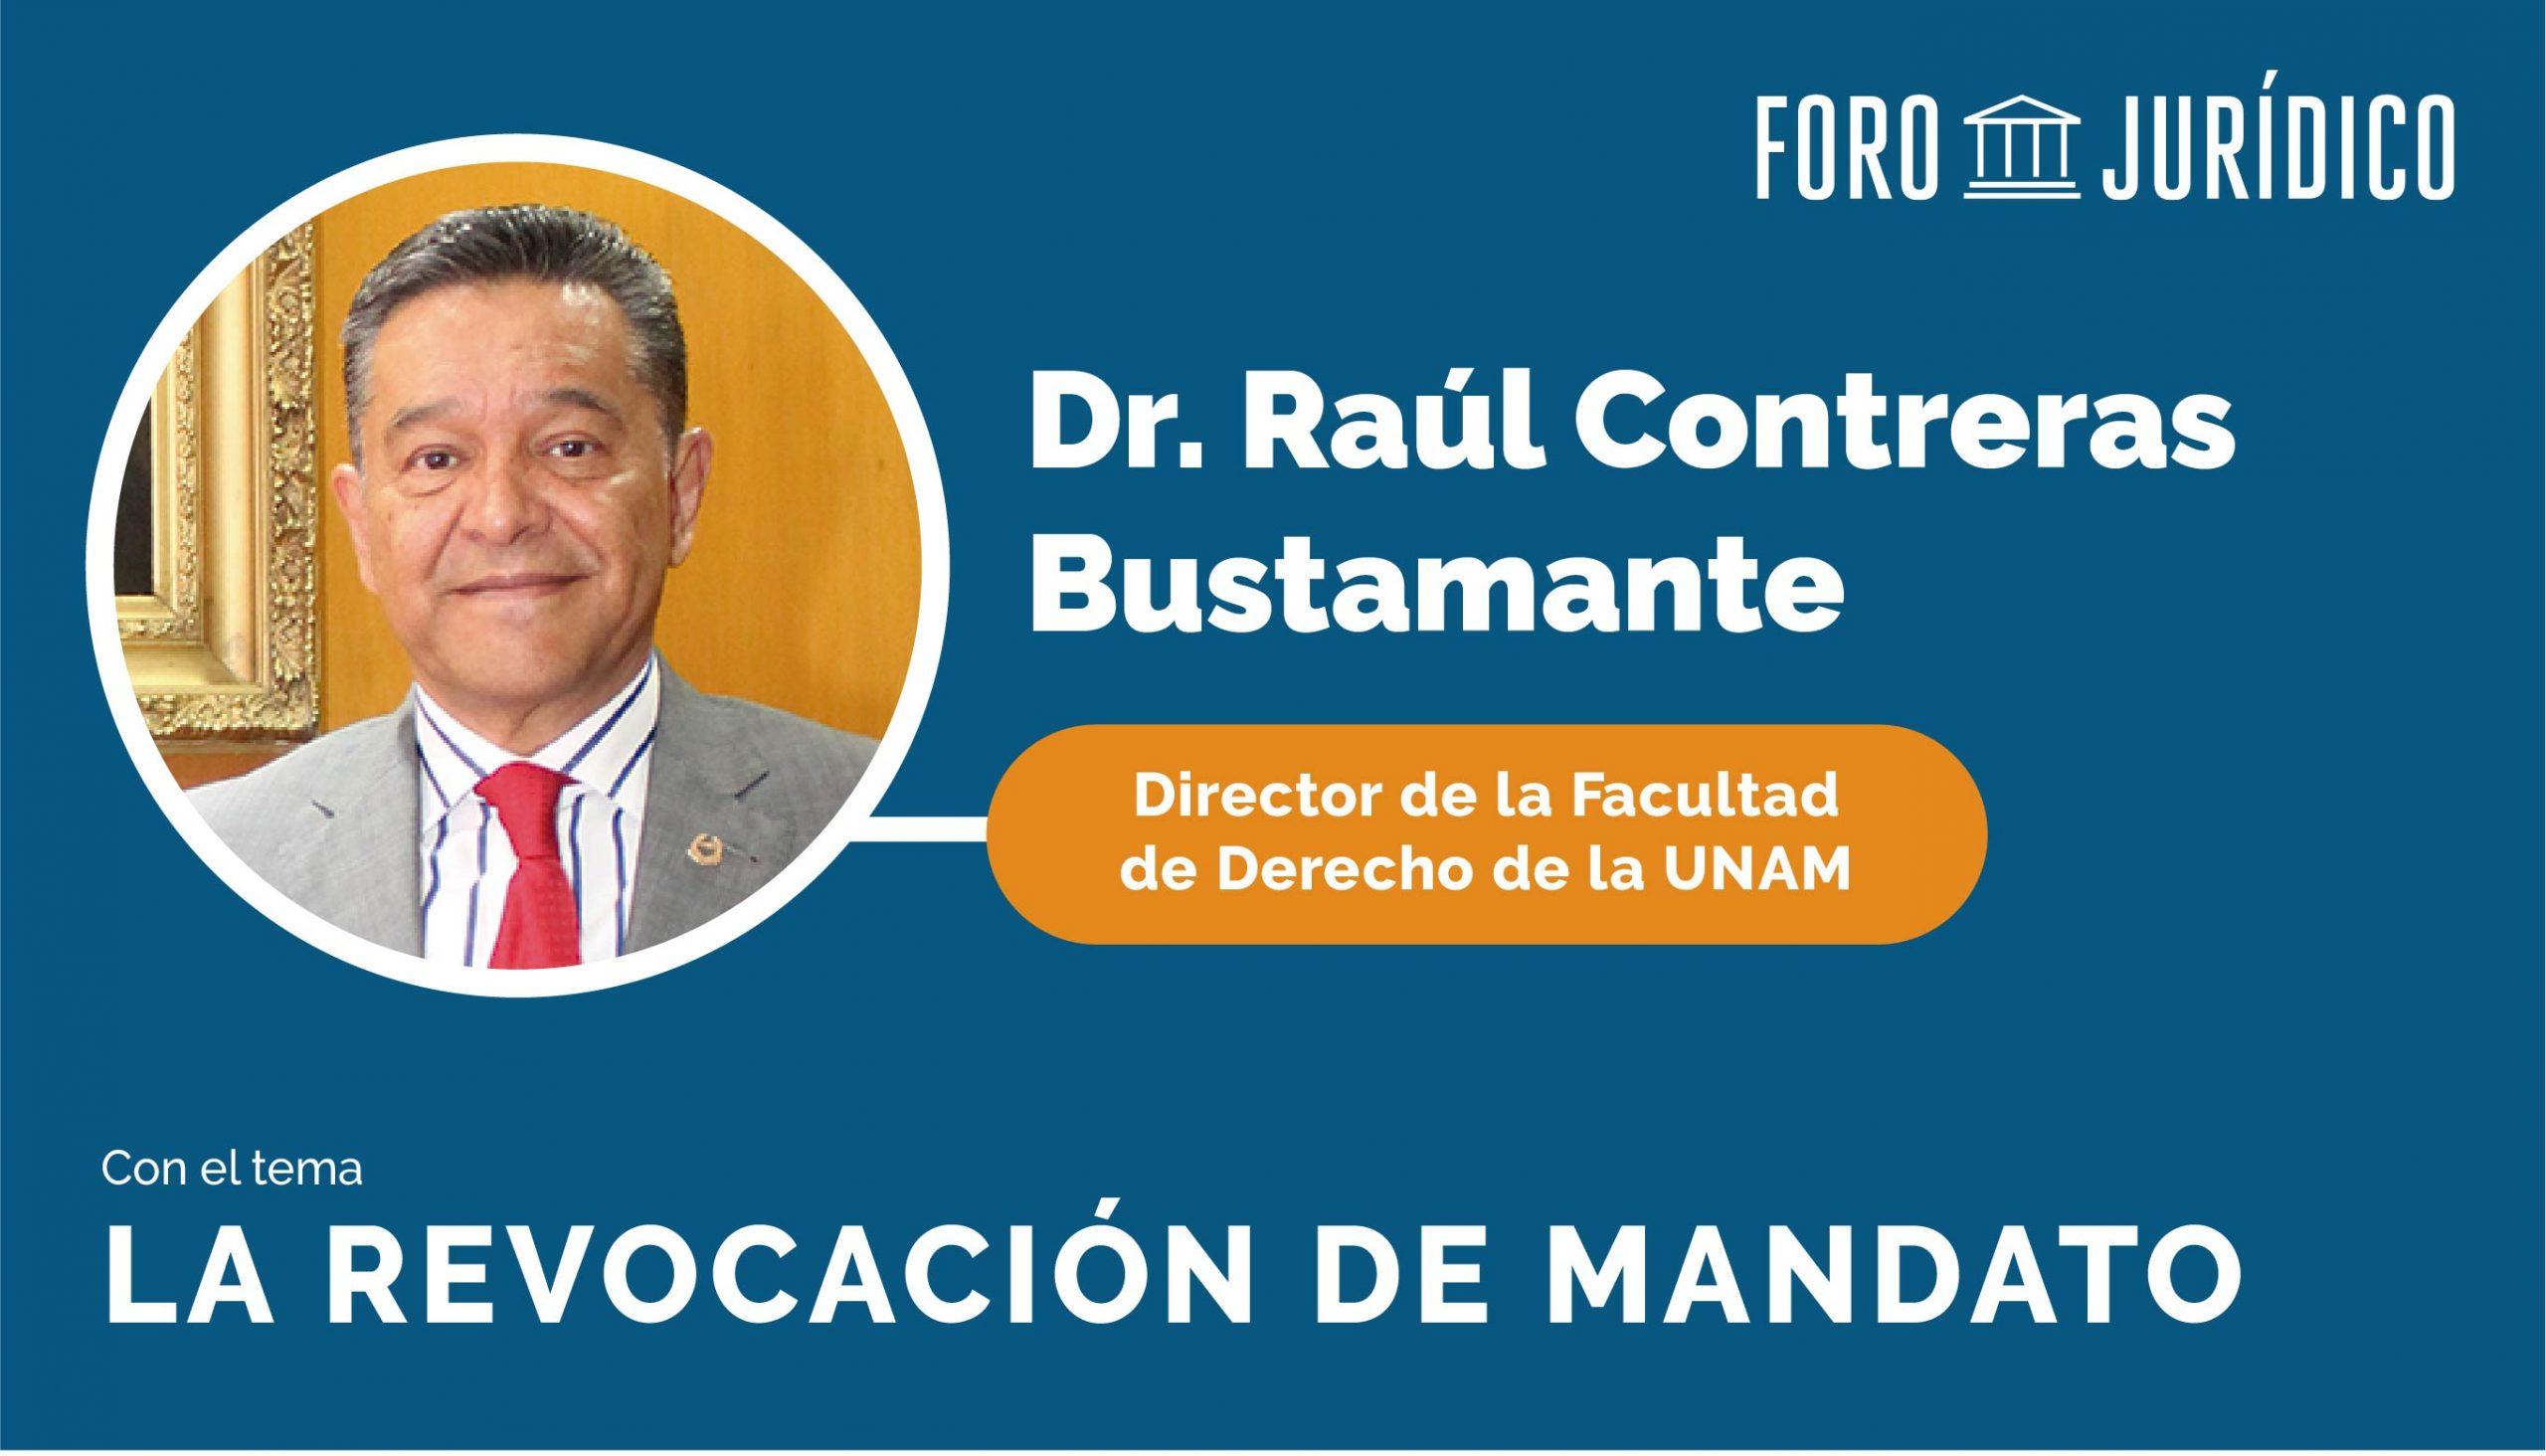 foro jurídico Raúl Contreras Revocación de mandato